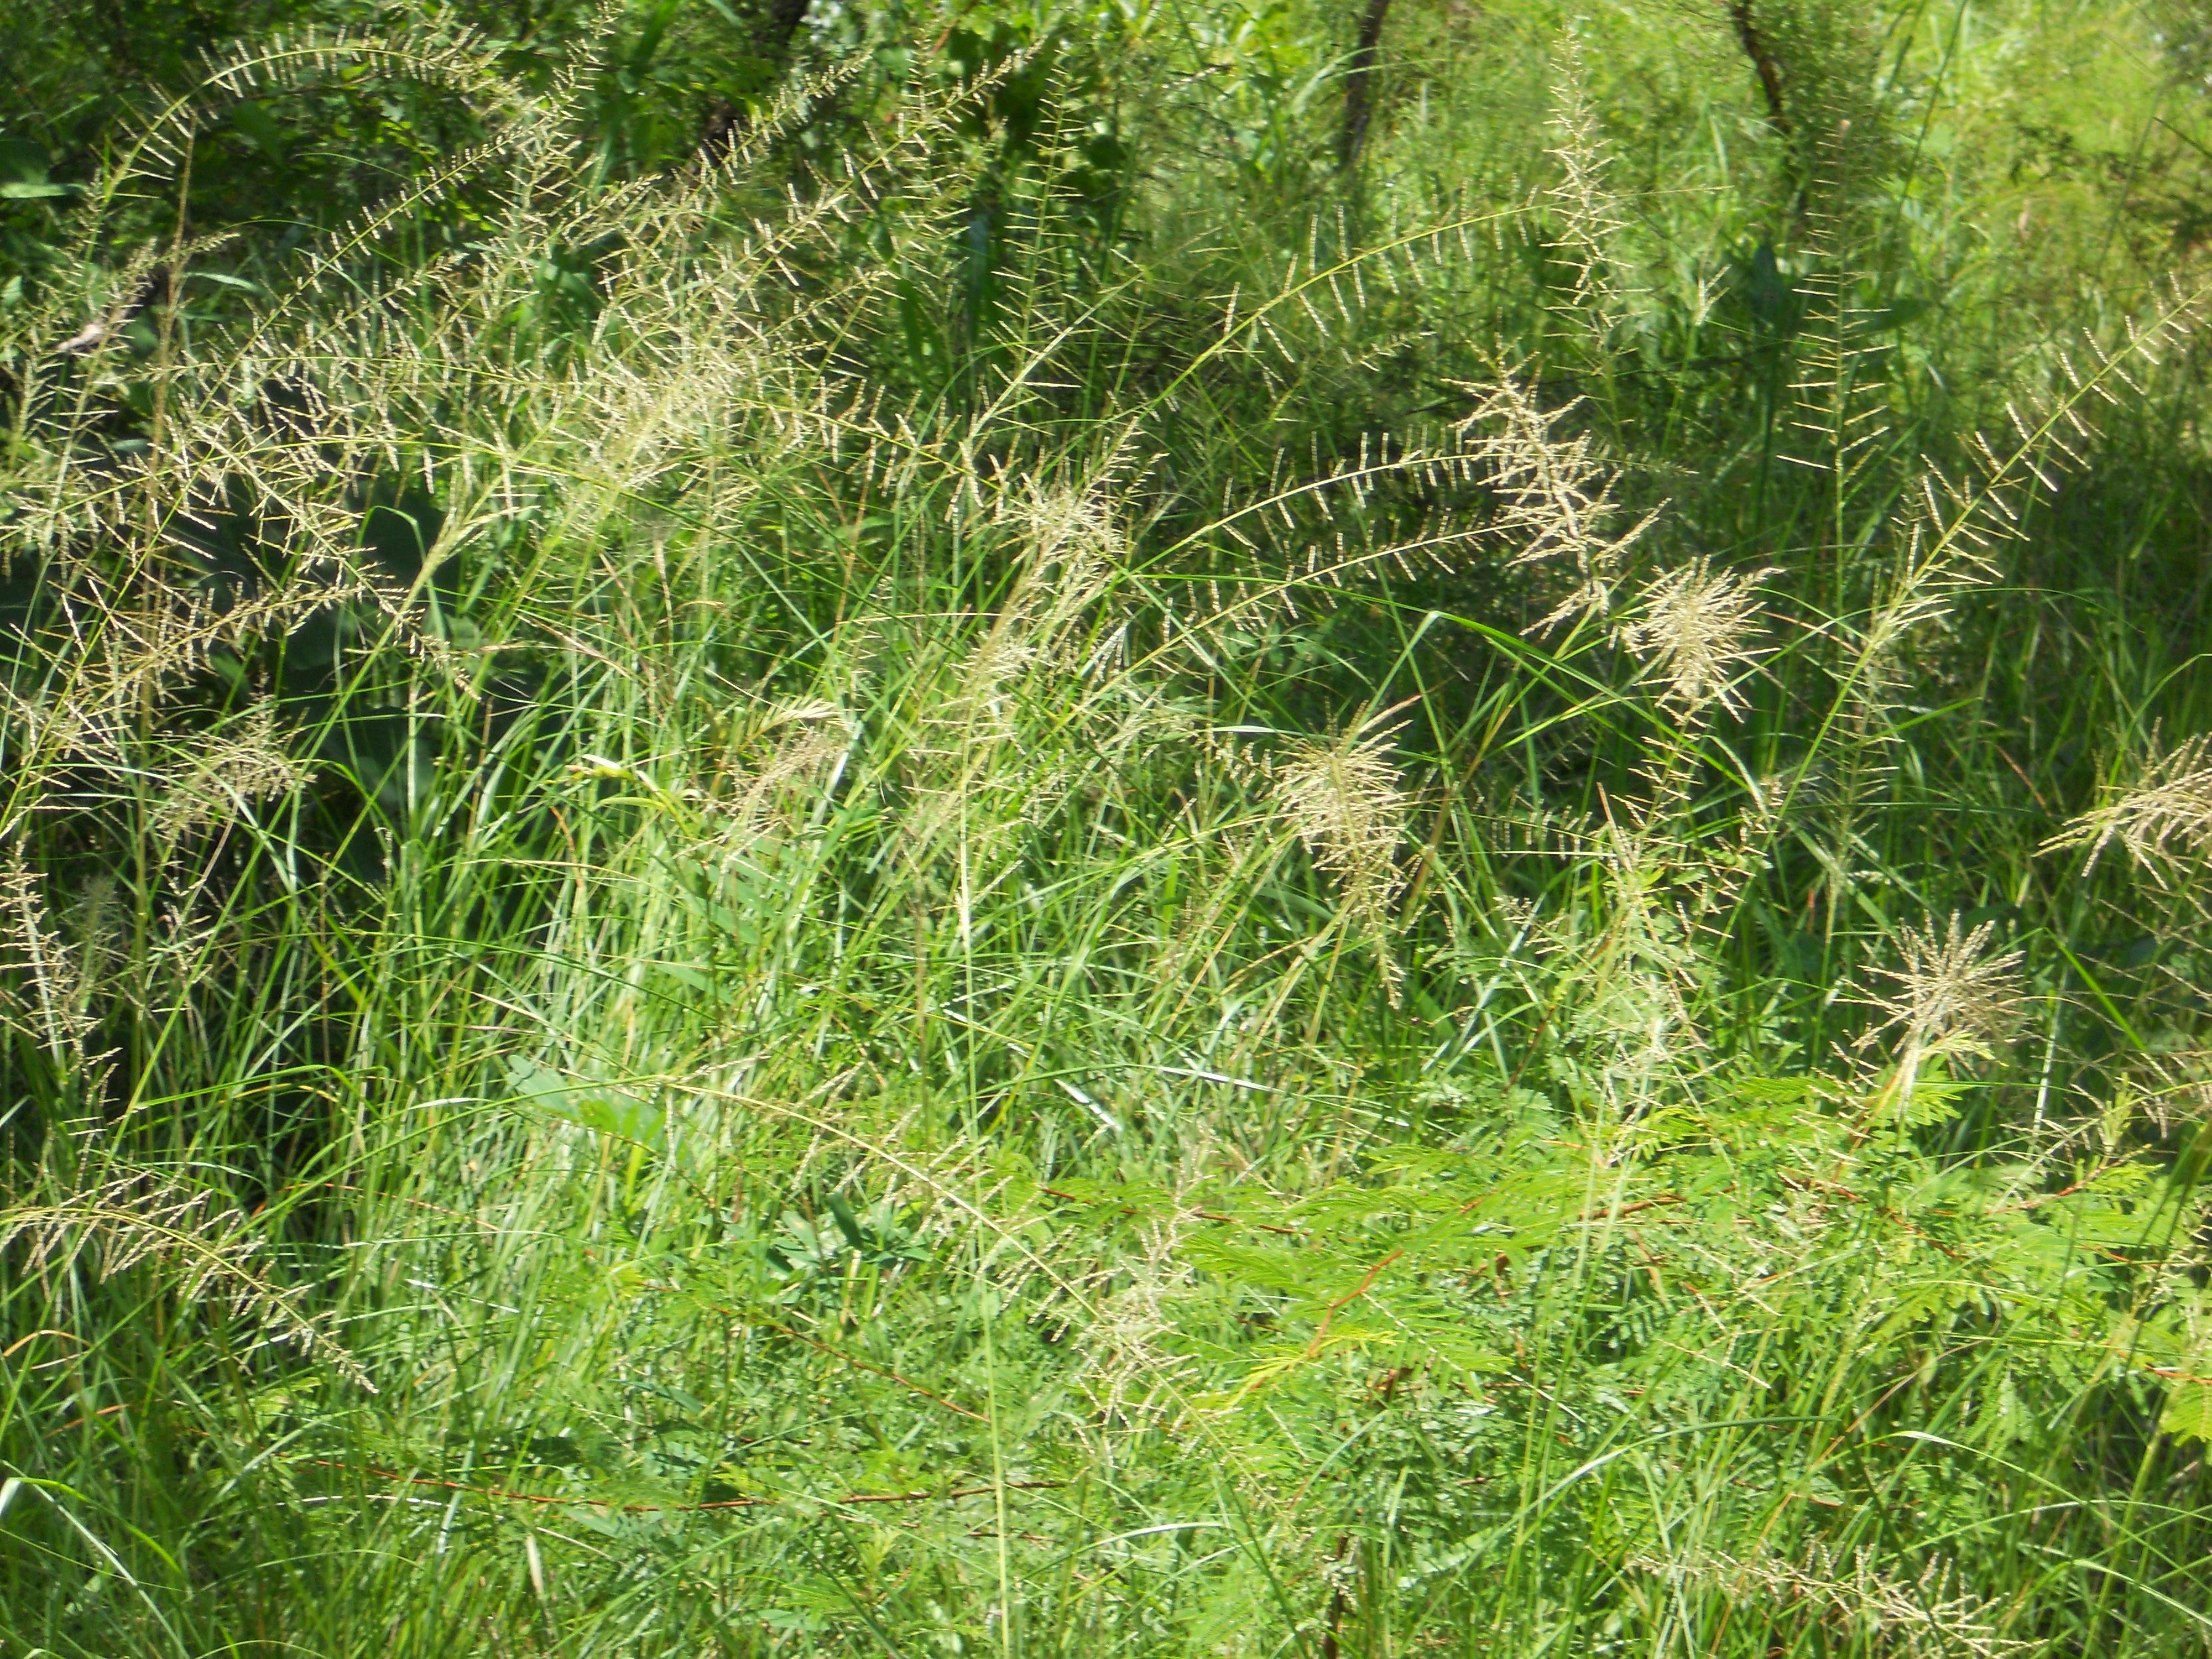 サバンナ植生の中での出穂、開花状態